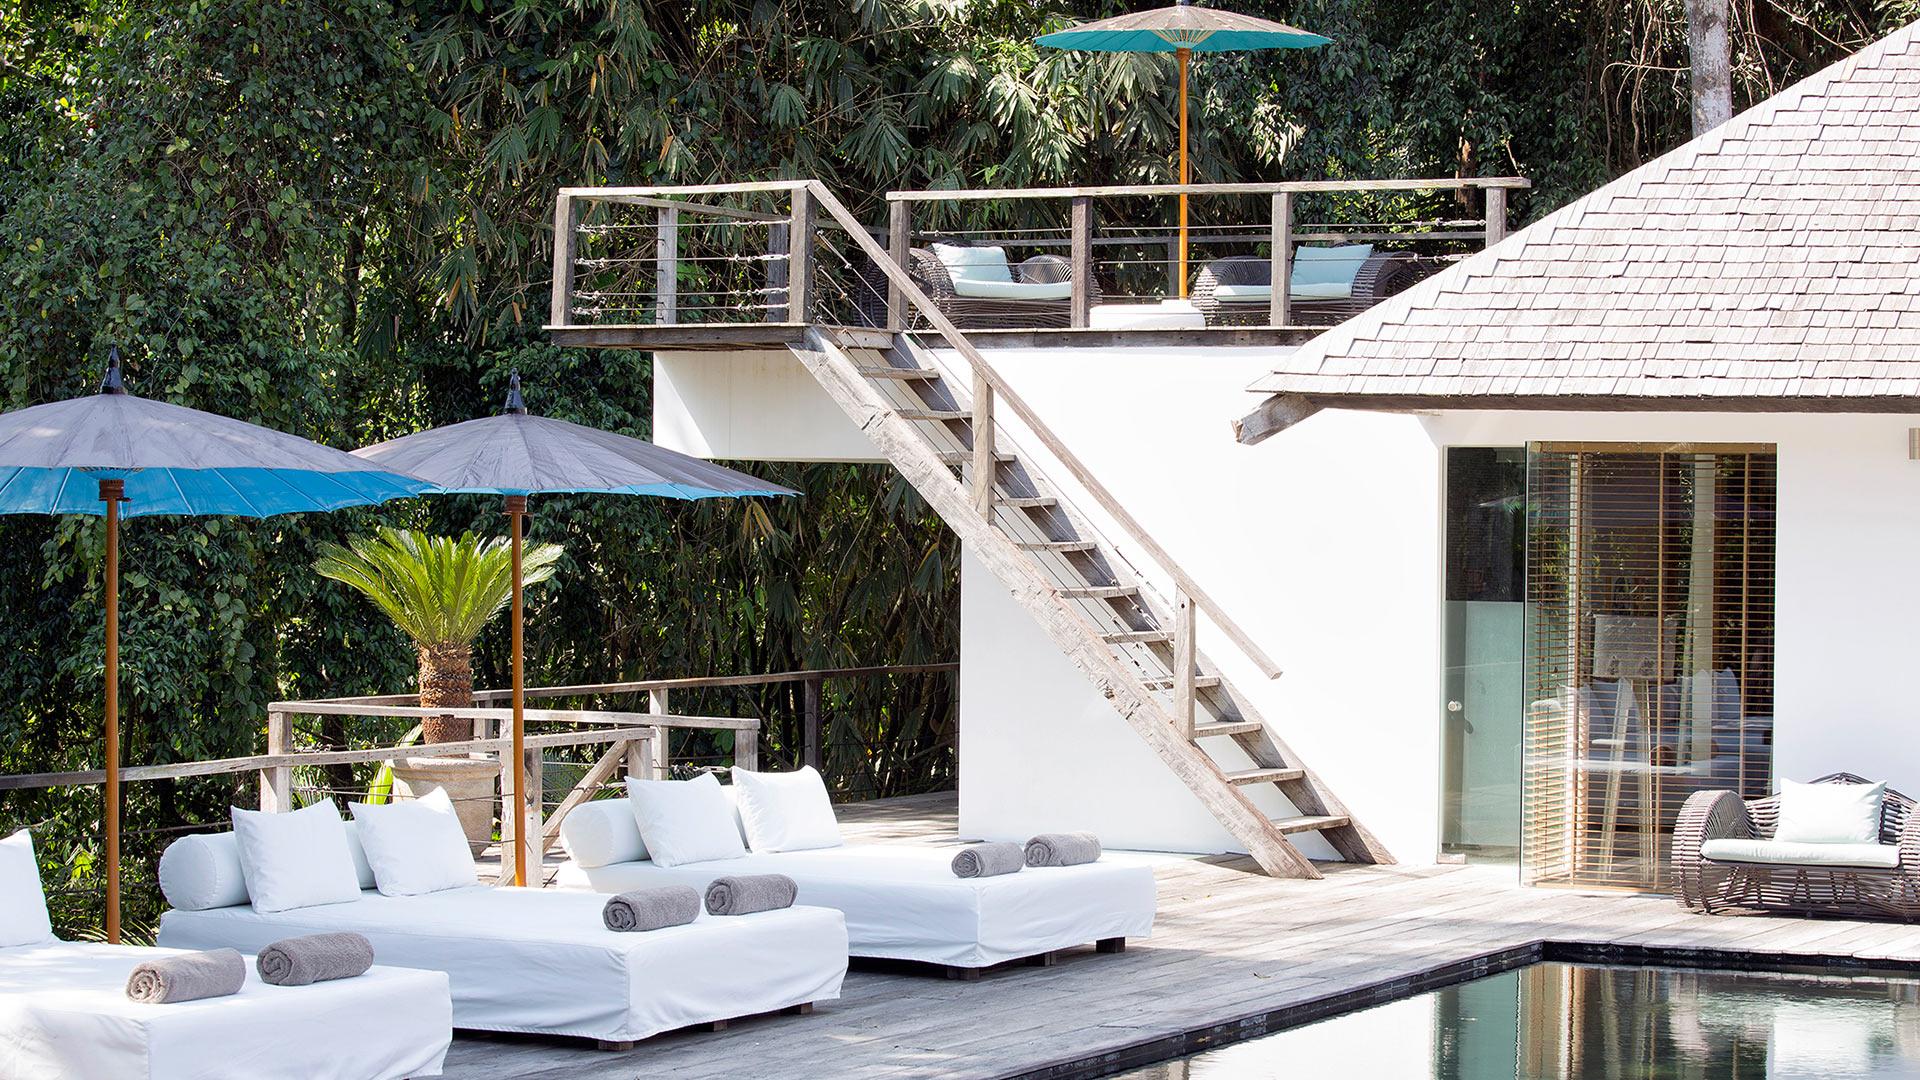 Full Size of Bali Bett Outdoor Kaufen Villa Levi Mieten In Billige Betten 180x200 Günstig Zum Ausziehen Komplett Mit Lattenrost Und Matratze Antike 180x220 Rustikales Baza Wohnzimmer Bali Bett Outdoor